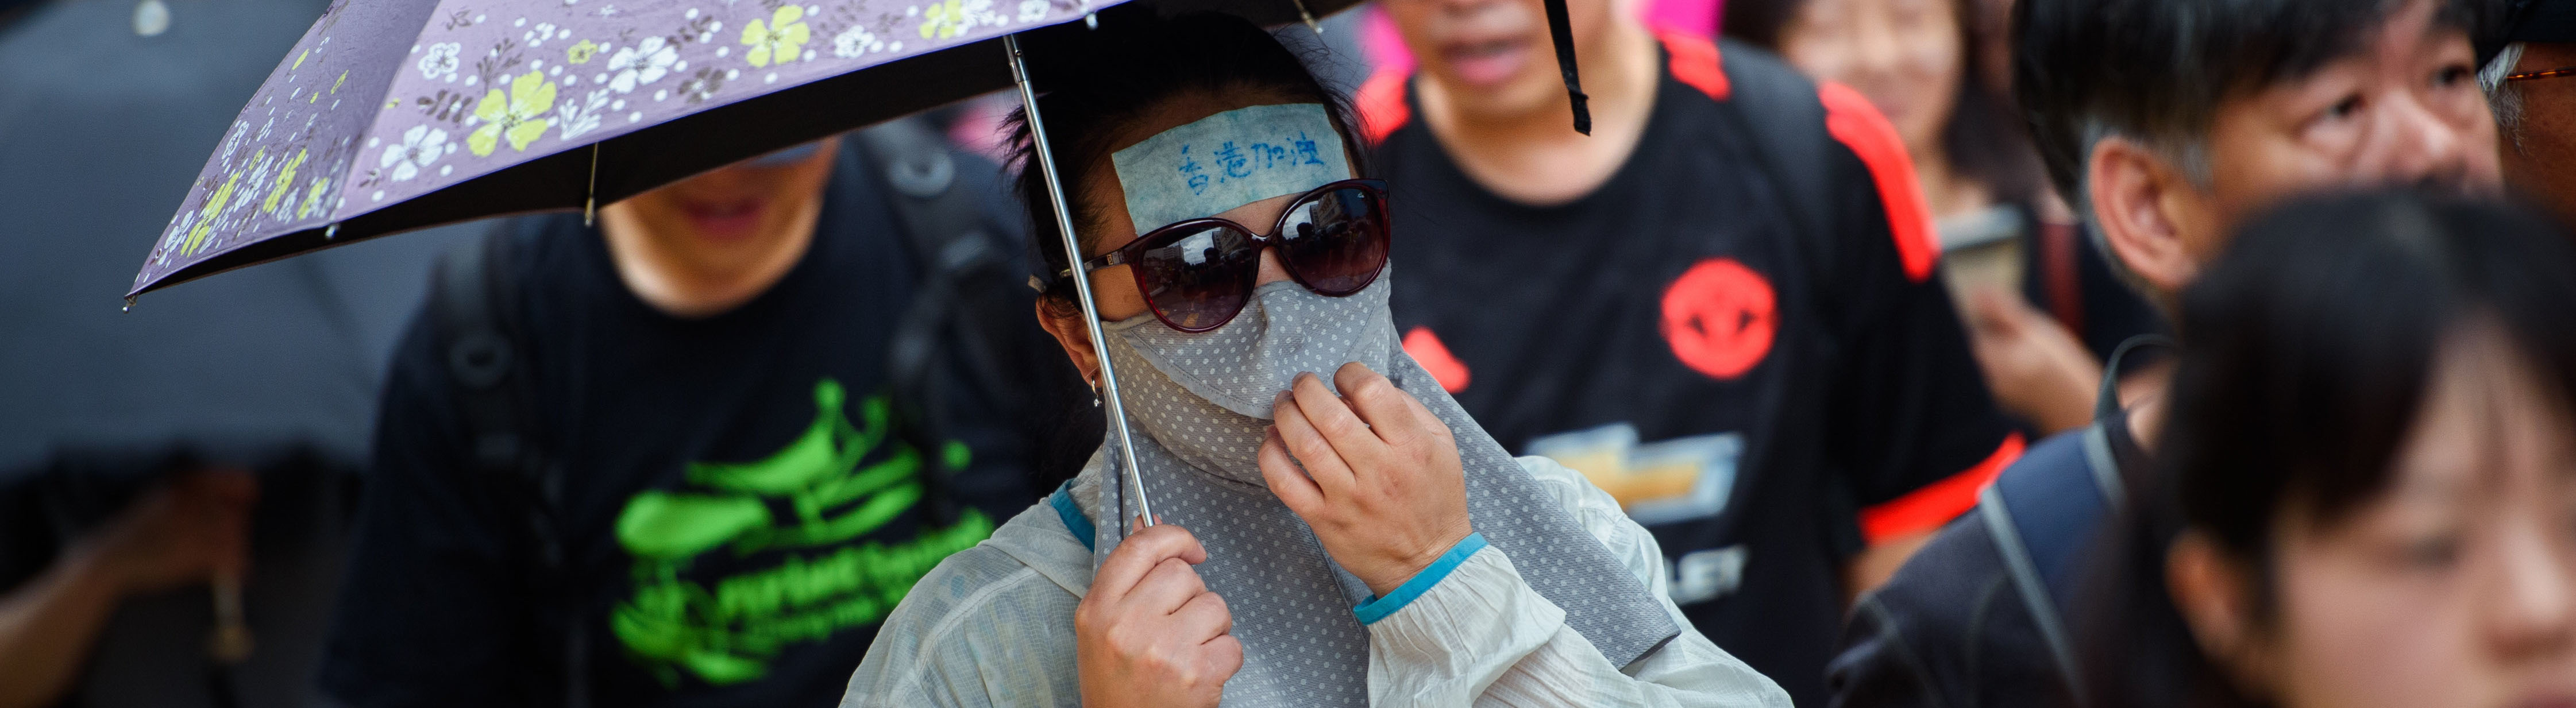 Vermummte Demonstrantin in Hongkong mit Regenschirm.